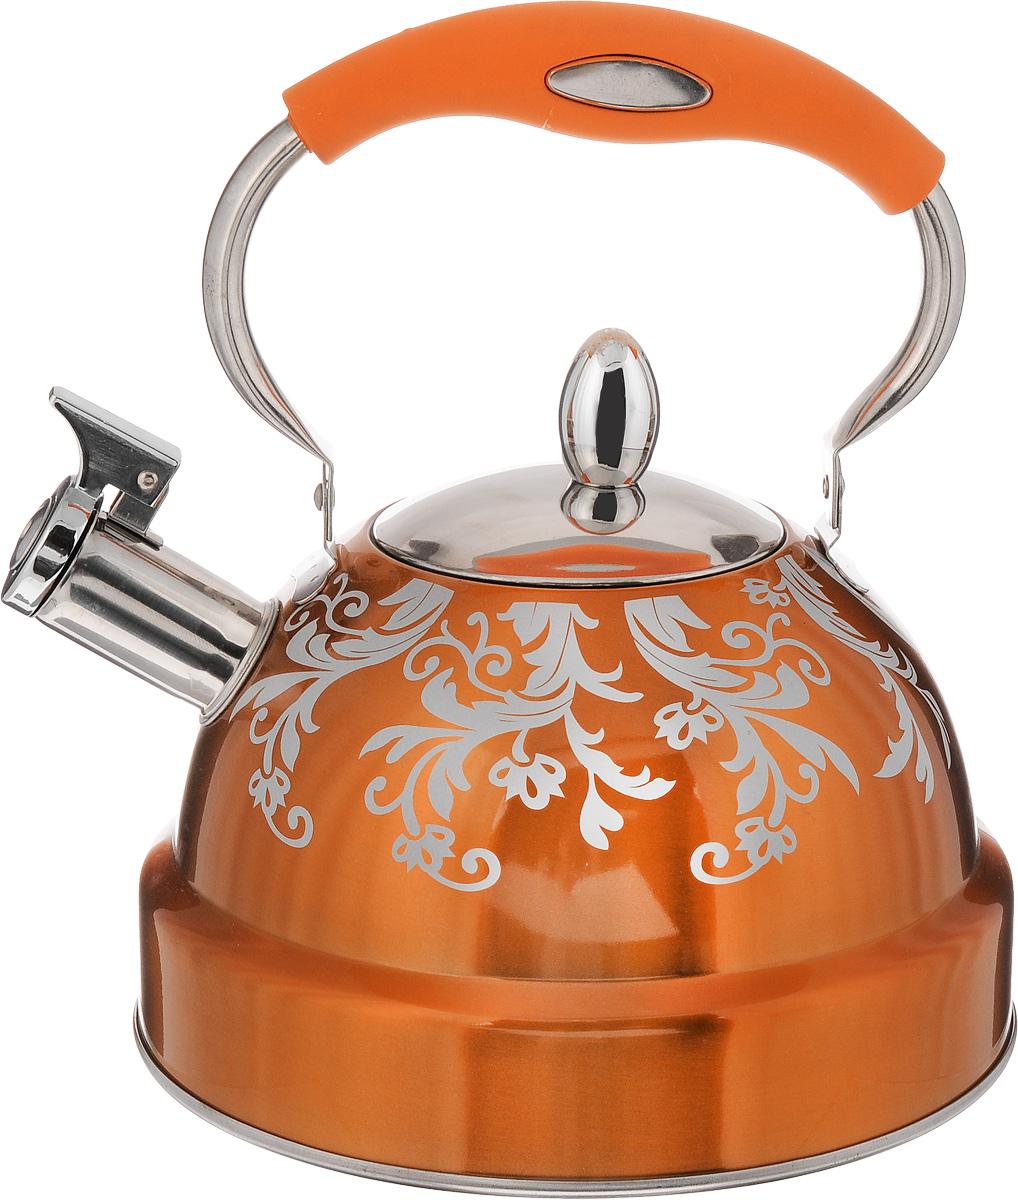 Чайник Mayer & Boch, со свистком, цвет: стальной, оранжевый, 3,5 л. 2488724887Чайник Mayer & Boch - это сочетание традиций и ультрасовременных материалов. Чайник выполнен из высококачественной нержавеющей стали 18/10. Внешнее термостойкое лаковое покрытие облегчает уход и обеспечивает привлекательный внешний вид долгое время. Оригинальные узоры на корпусе сделают чайник ярким элементом интерьера кухни. Подвижная ручка чайника снабжена пластиковой вставкой с силиконовым покрытием, это позволяет с легкостью снимать горячий чайник без прихваток. Капсулированное дно обеспечивает быстрый нагрев и сохранение температуры воды. Чайник оснащен откидным свистком, который громким сигналом подскажет, когда вода закипела. Подходит для всех типов плит, кроме индукционных. Можно мыть в посудомоечной машине. Диаметр отверстия (по верхнему краю): 10 см. Диаметр основания: 22 см. Высота (без учета ручки): 13 см.